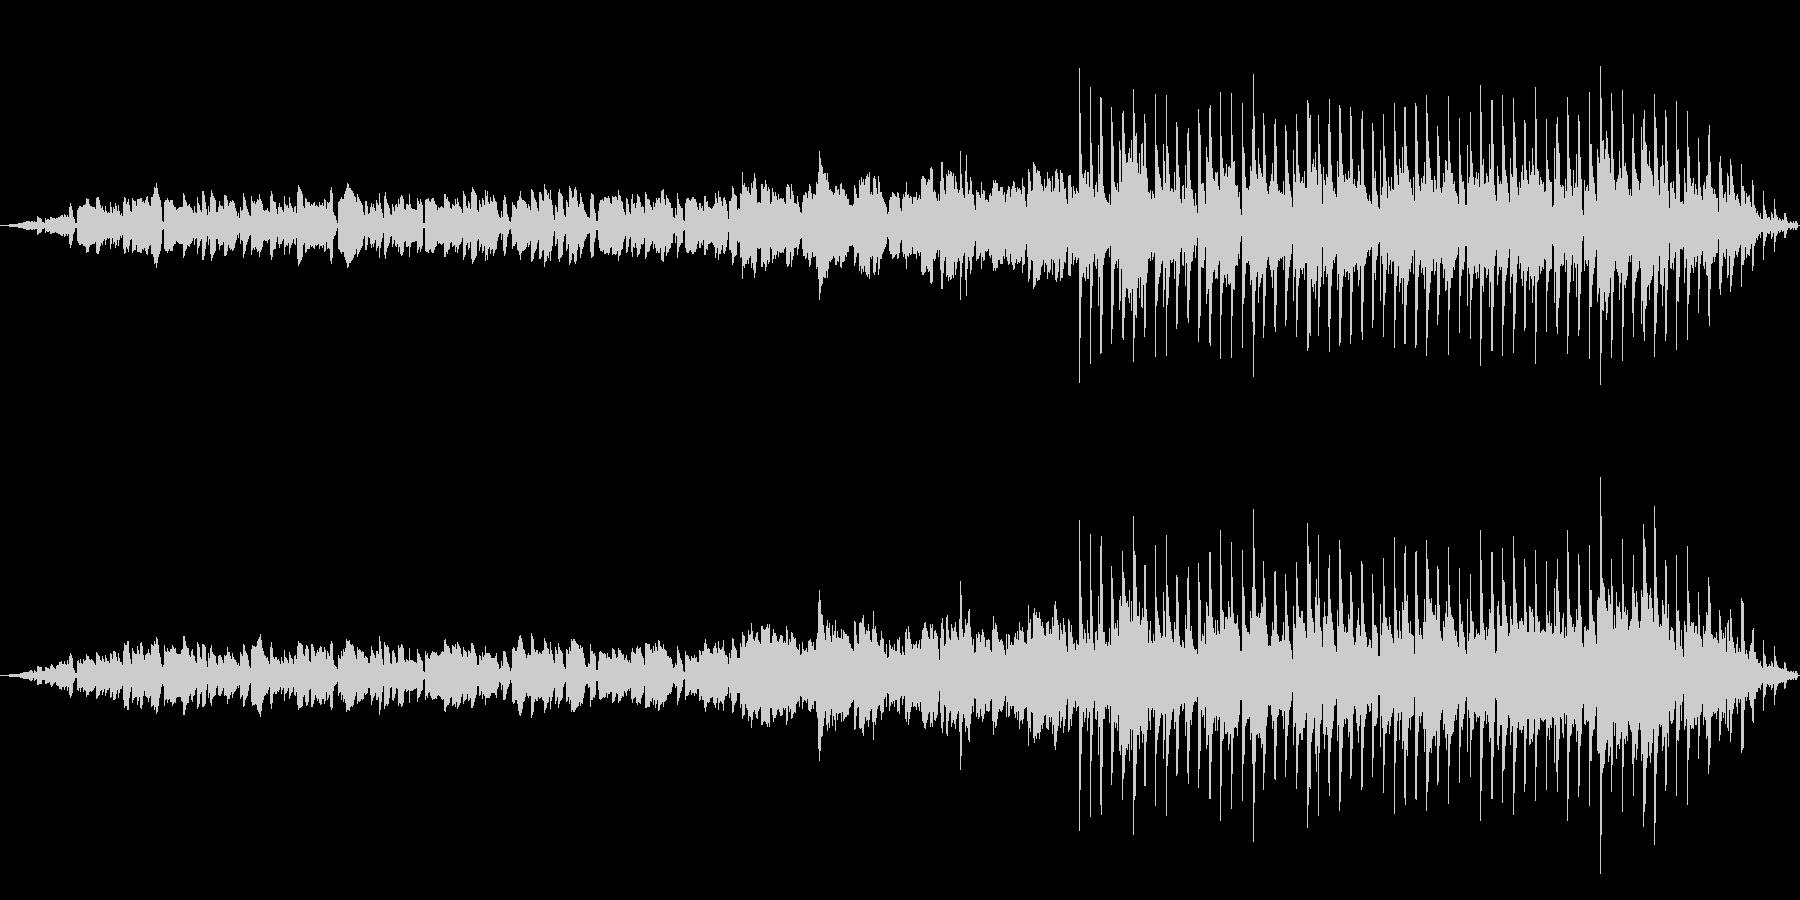 ミニマルテクノな曲の未再生の波形